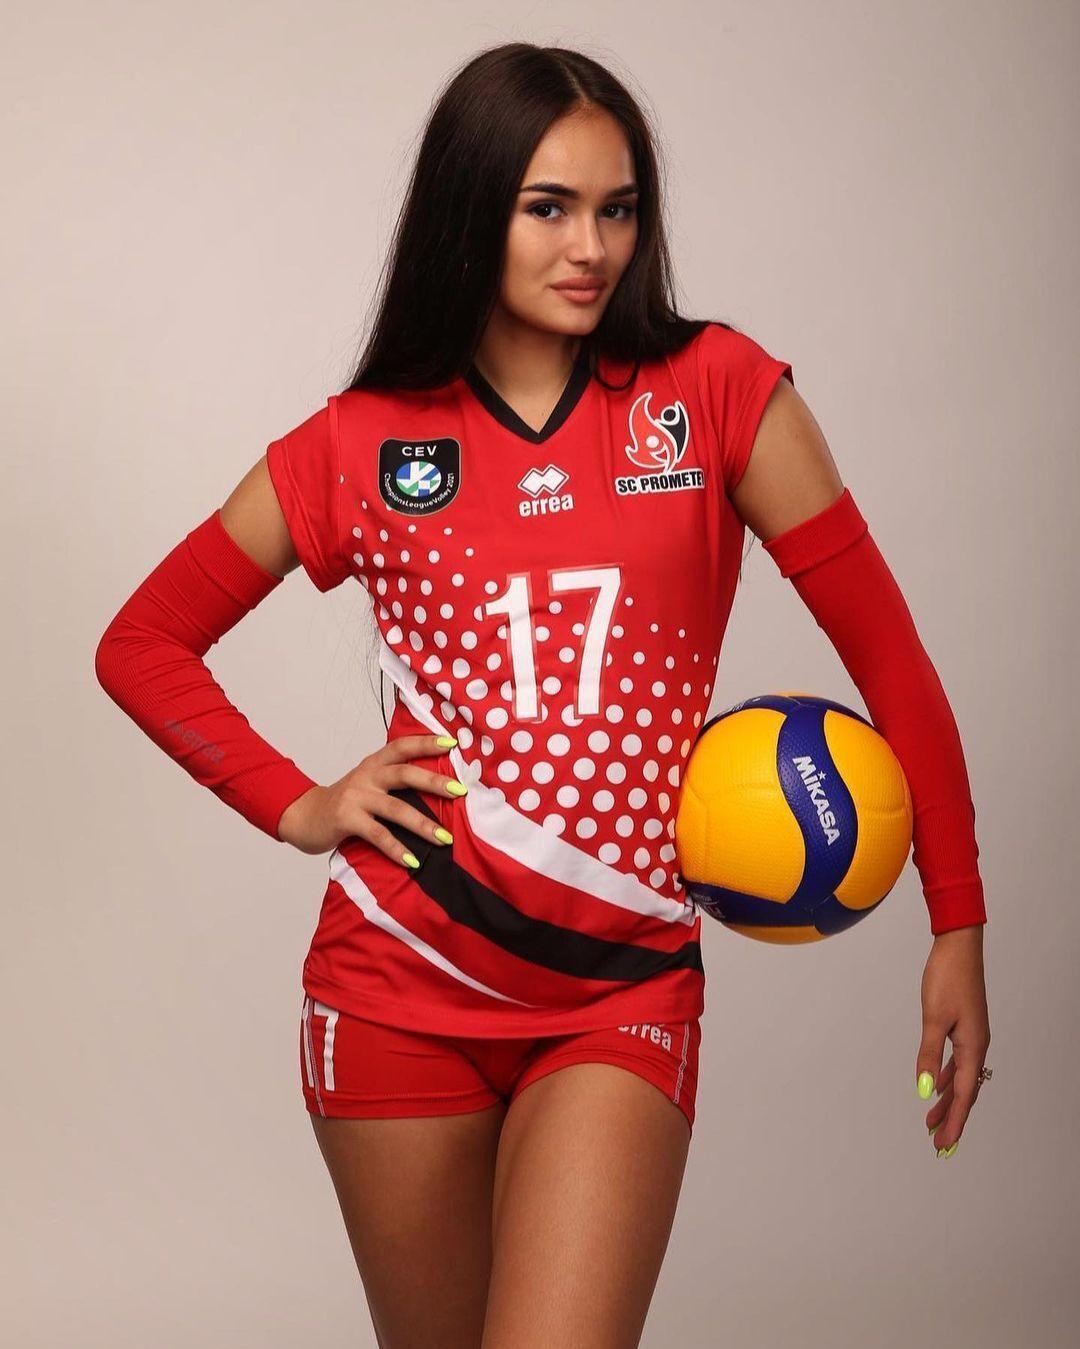 Дарья Дуденок позирует с мячом